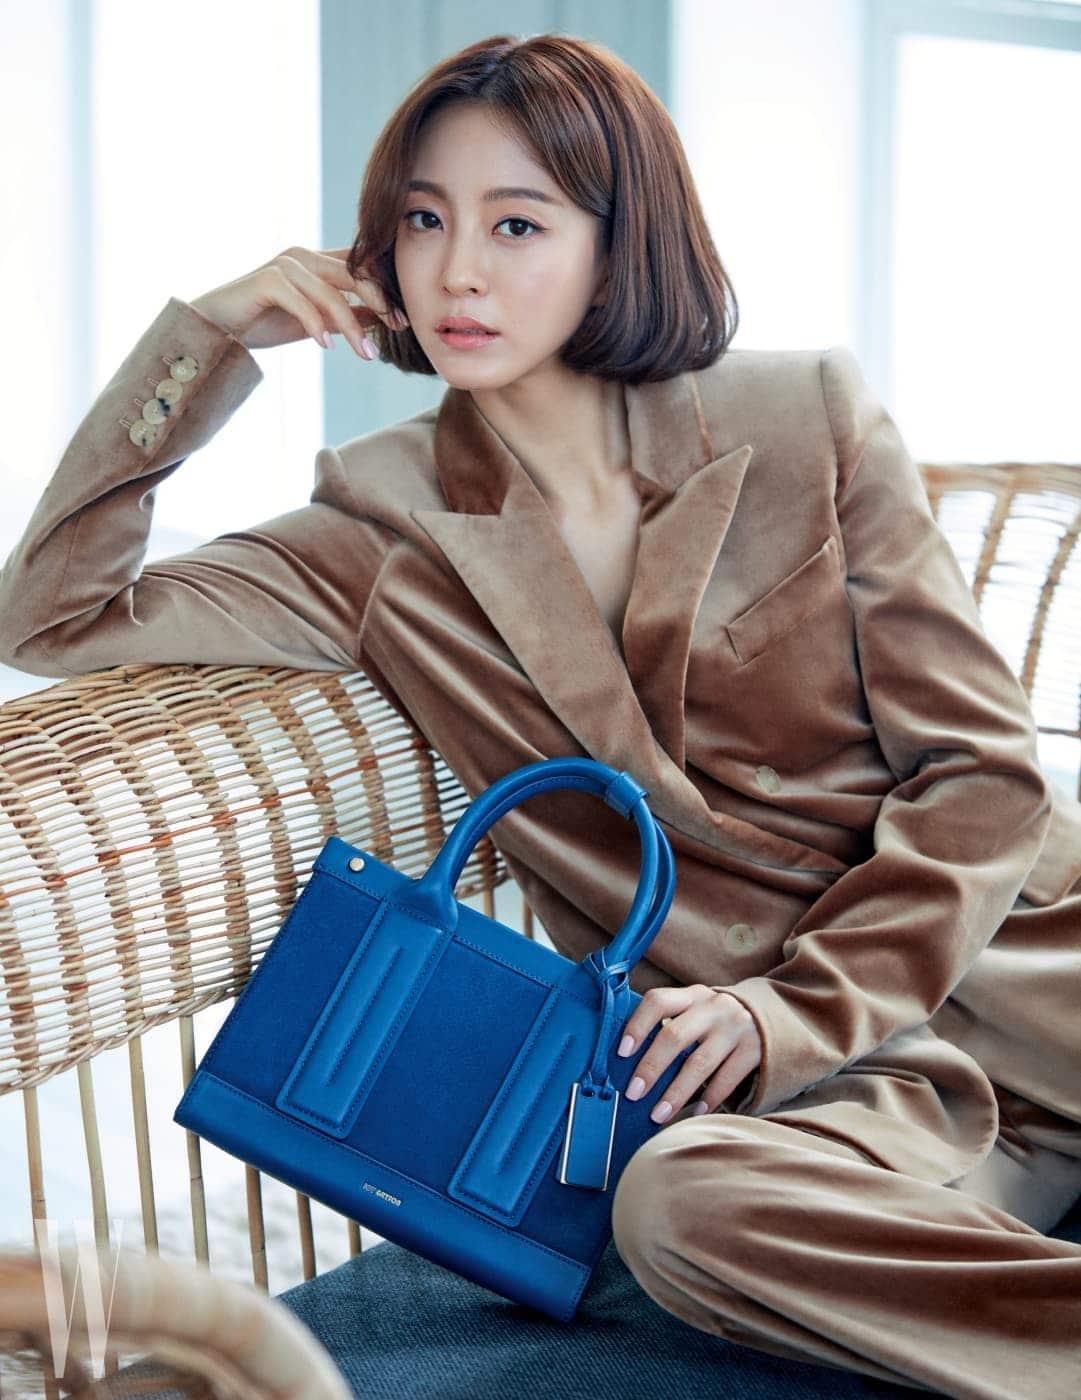 스웨이드와 가죽 소재의 배합이 특징인 '사바' 백은 Joy Gryson 제품. 벨벳 소재 재킷과 와이드 팬츠는 모두 Max Mara 제품.